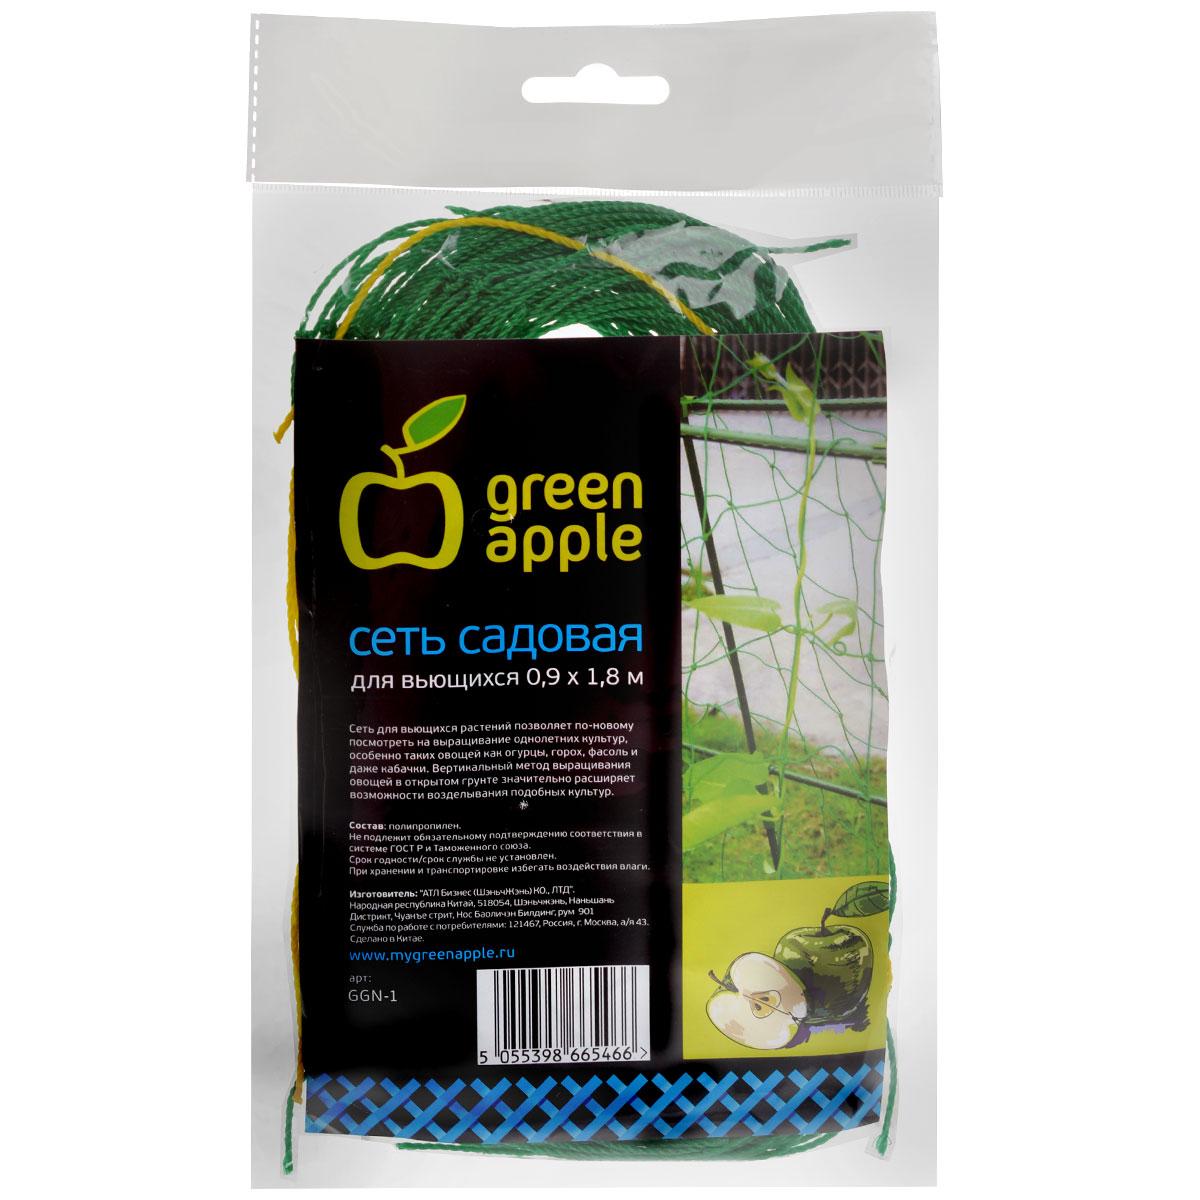 Сеть садовая для вьющихся Green Apple GGN-1, 0,9 х 1,8 мKOC_SOL249_G4Сеть для вьющихся растений позволяет по-новому посмотреть на выращивание однолетних культур, особенно таких овощей как огурцы, горох, фасоль и даже кабачки.Вертикальный метод выращивания овощей в открытом грунте значительно расширяет возможности возделывания подобных культур.